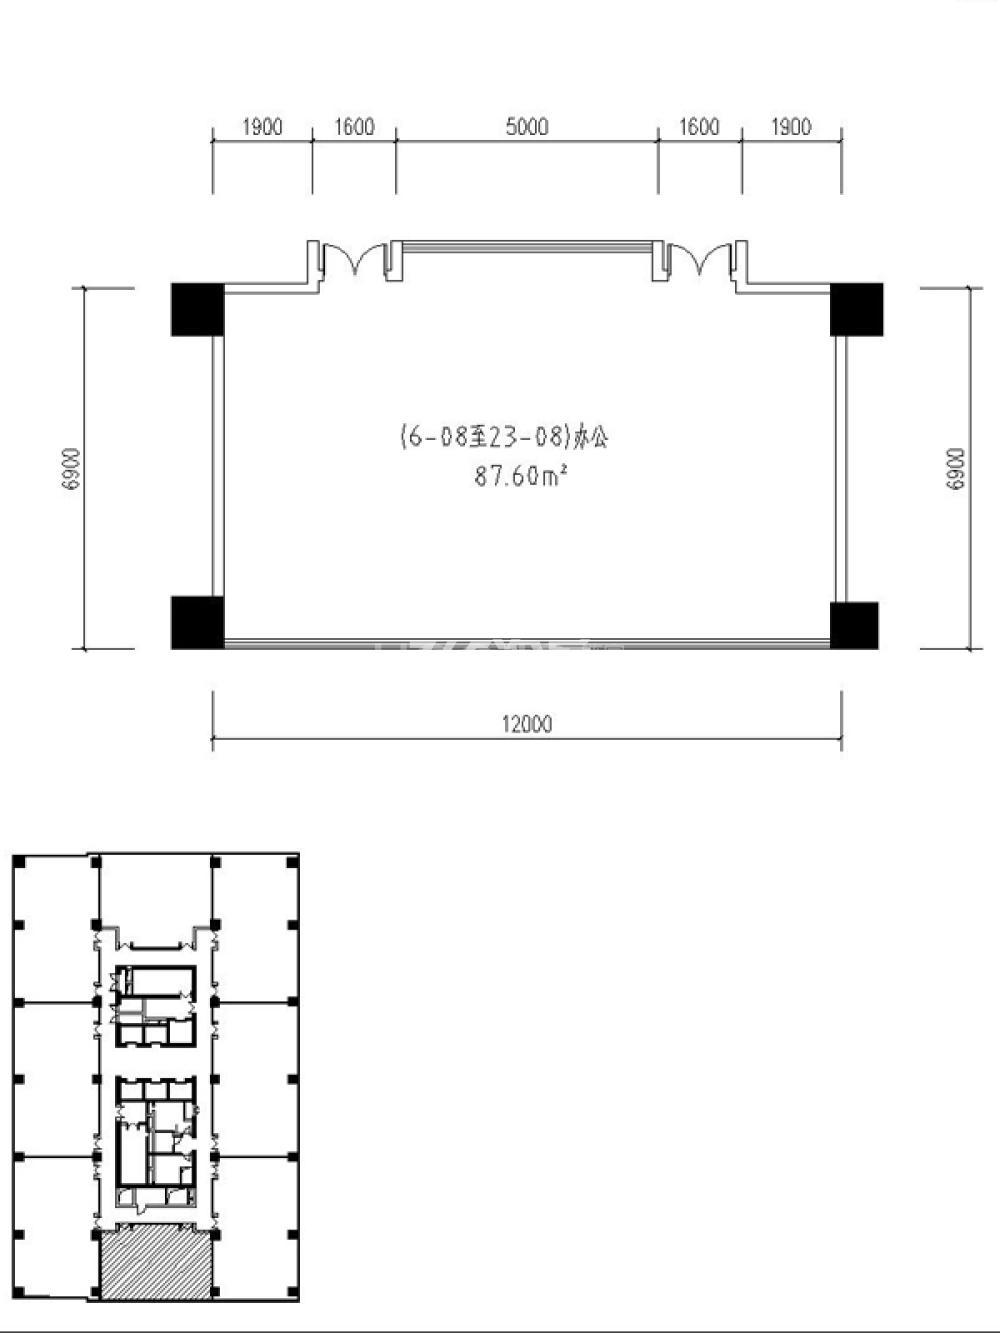 兰基国际公寓1室1卫户型图123.99㎡